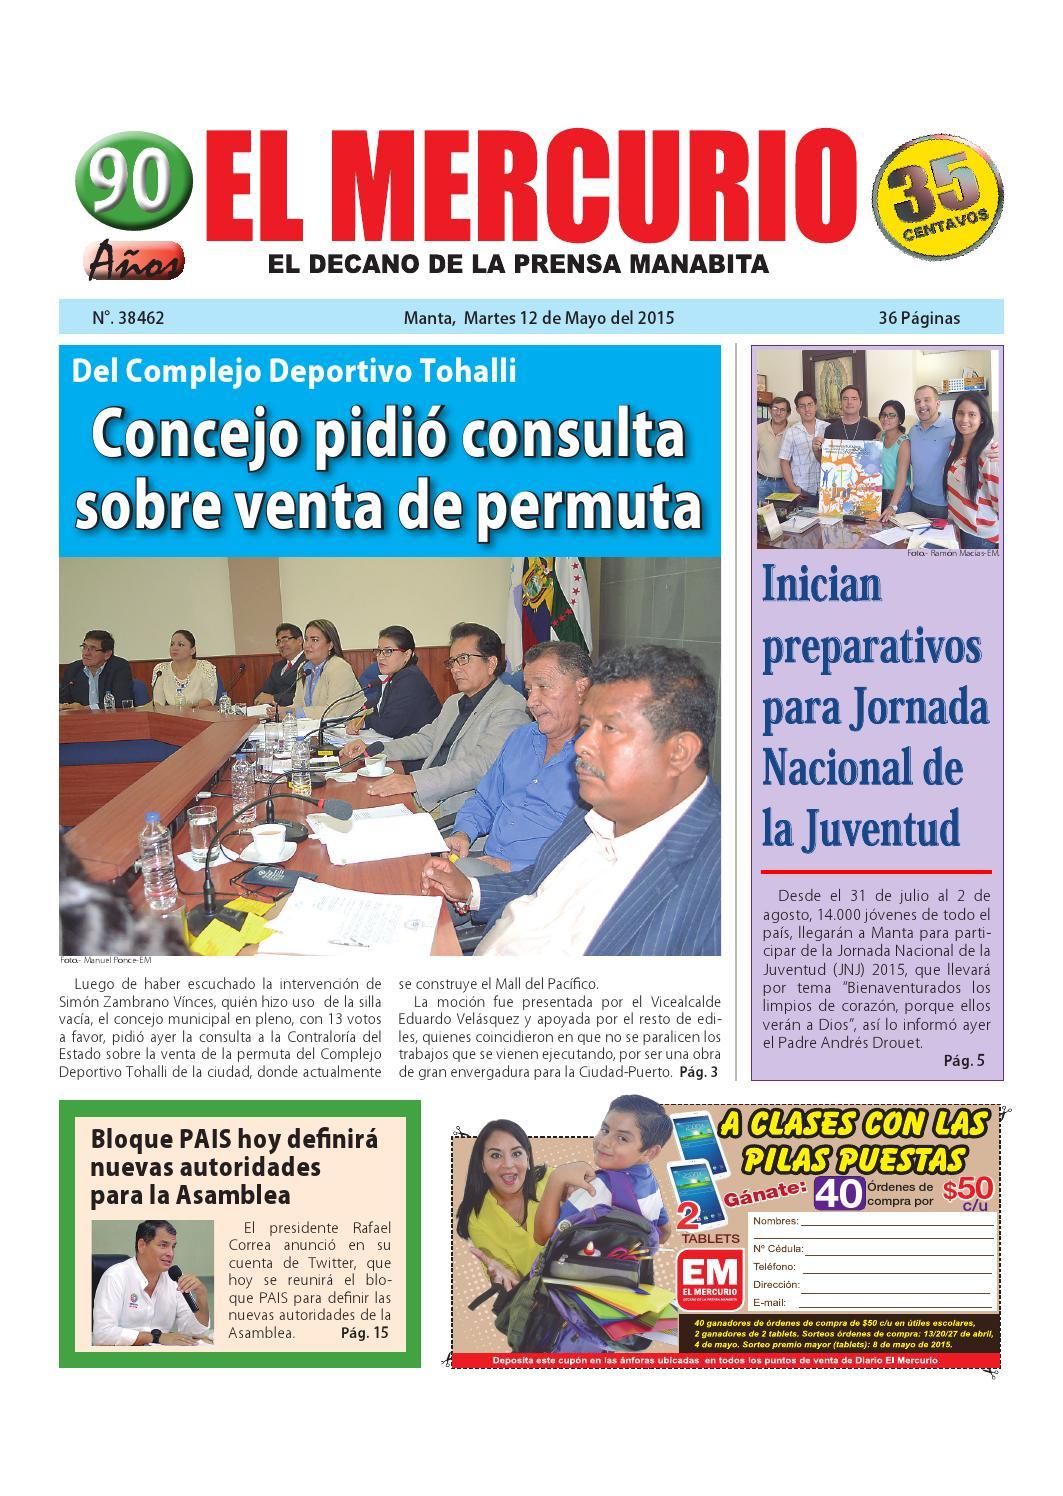 a8547ec05 Martes 12 de mayo del 2015 by Diario El mercurio - issuu